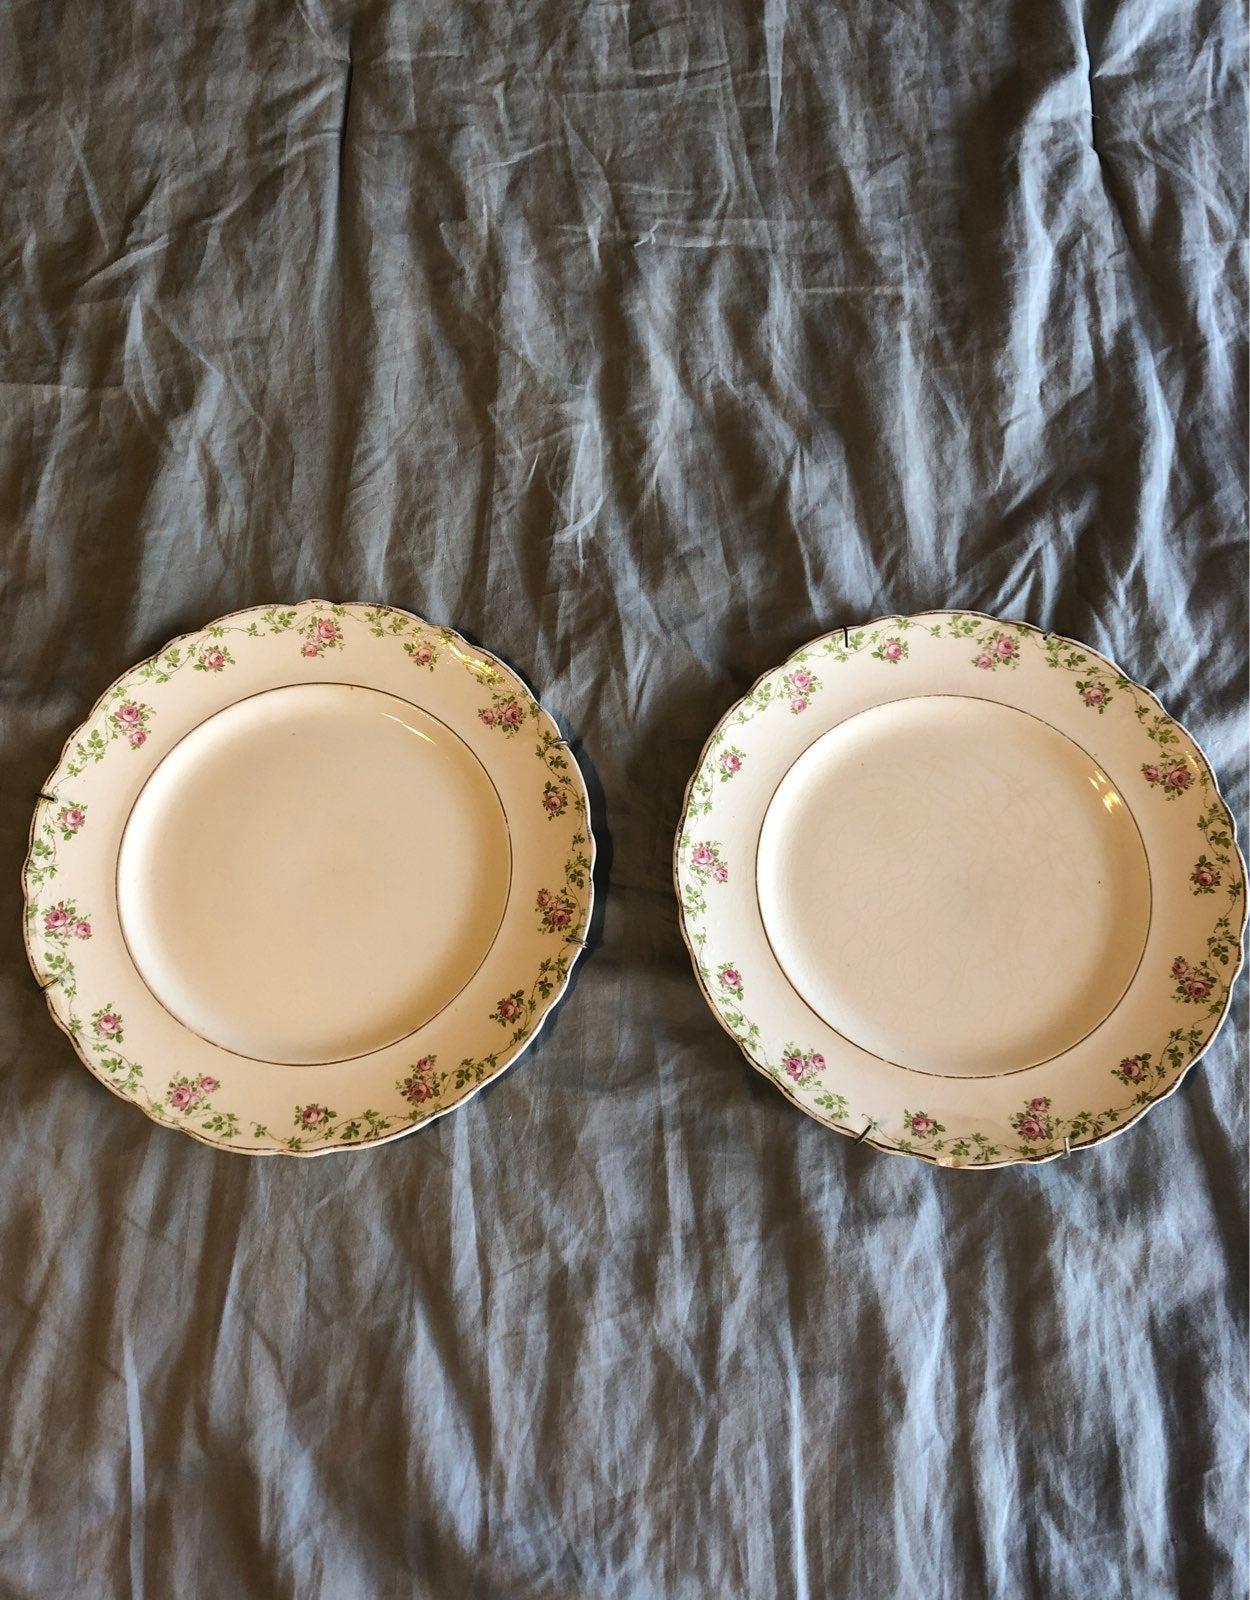 Warwick China Plates